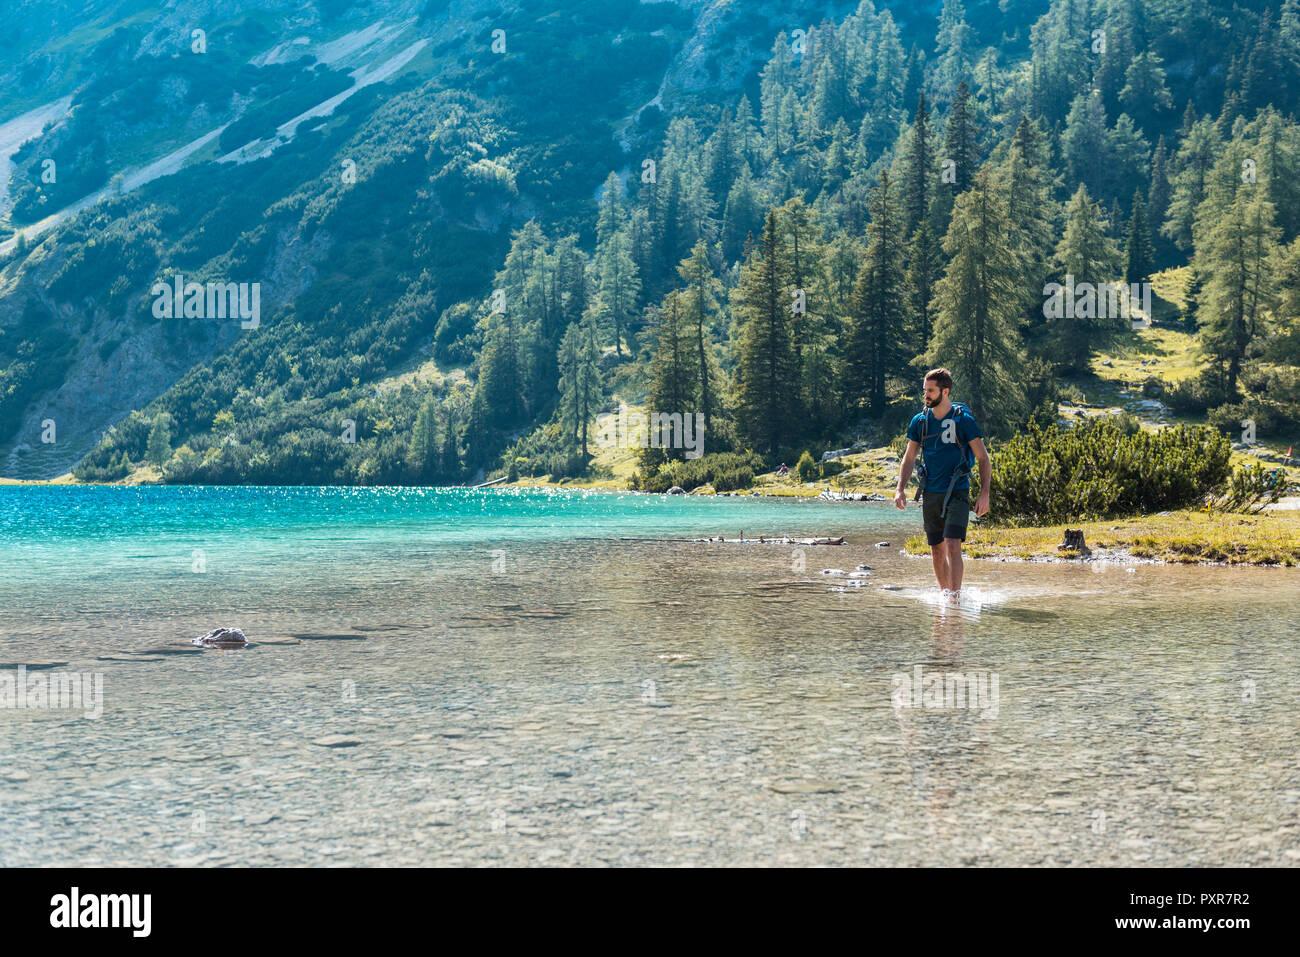 Austria, Tyrol, Hiker at Lake Seebensee walking ankle deep in water - Stock Image